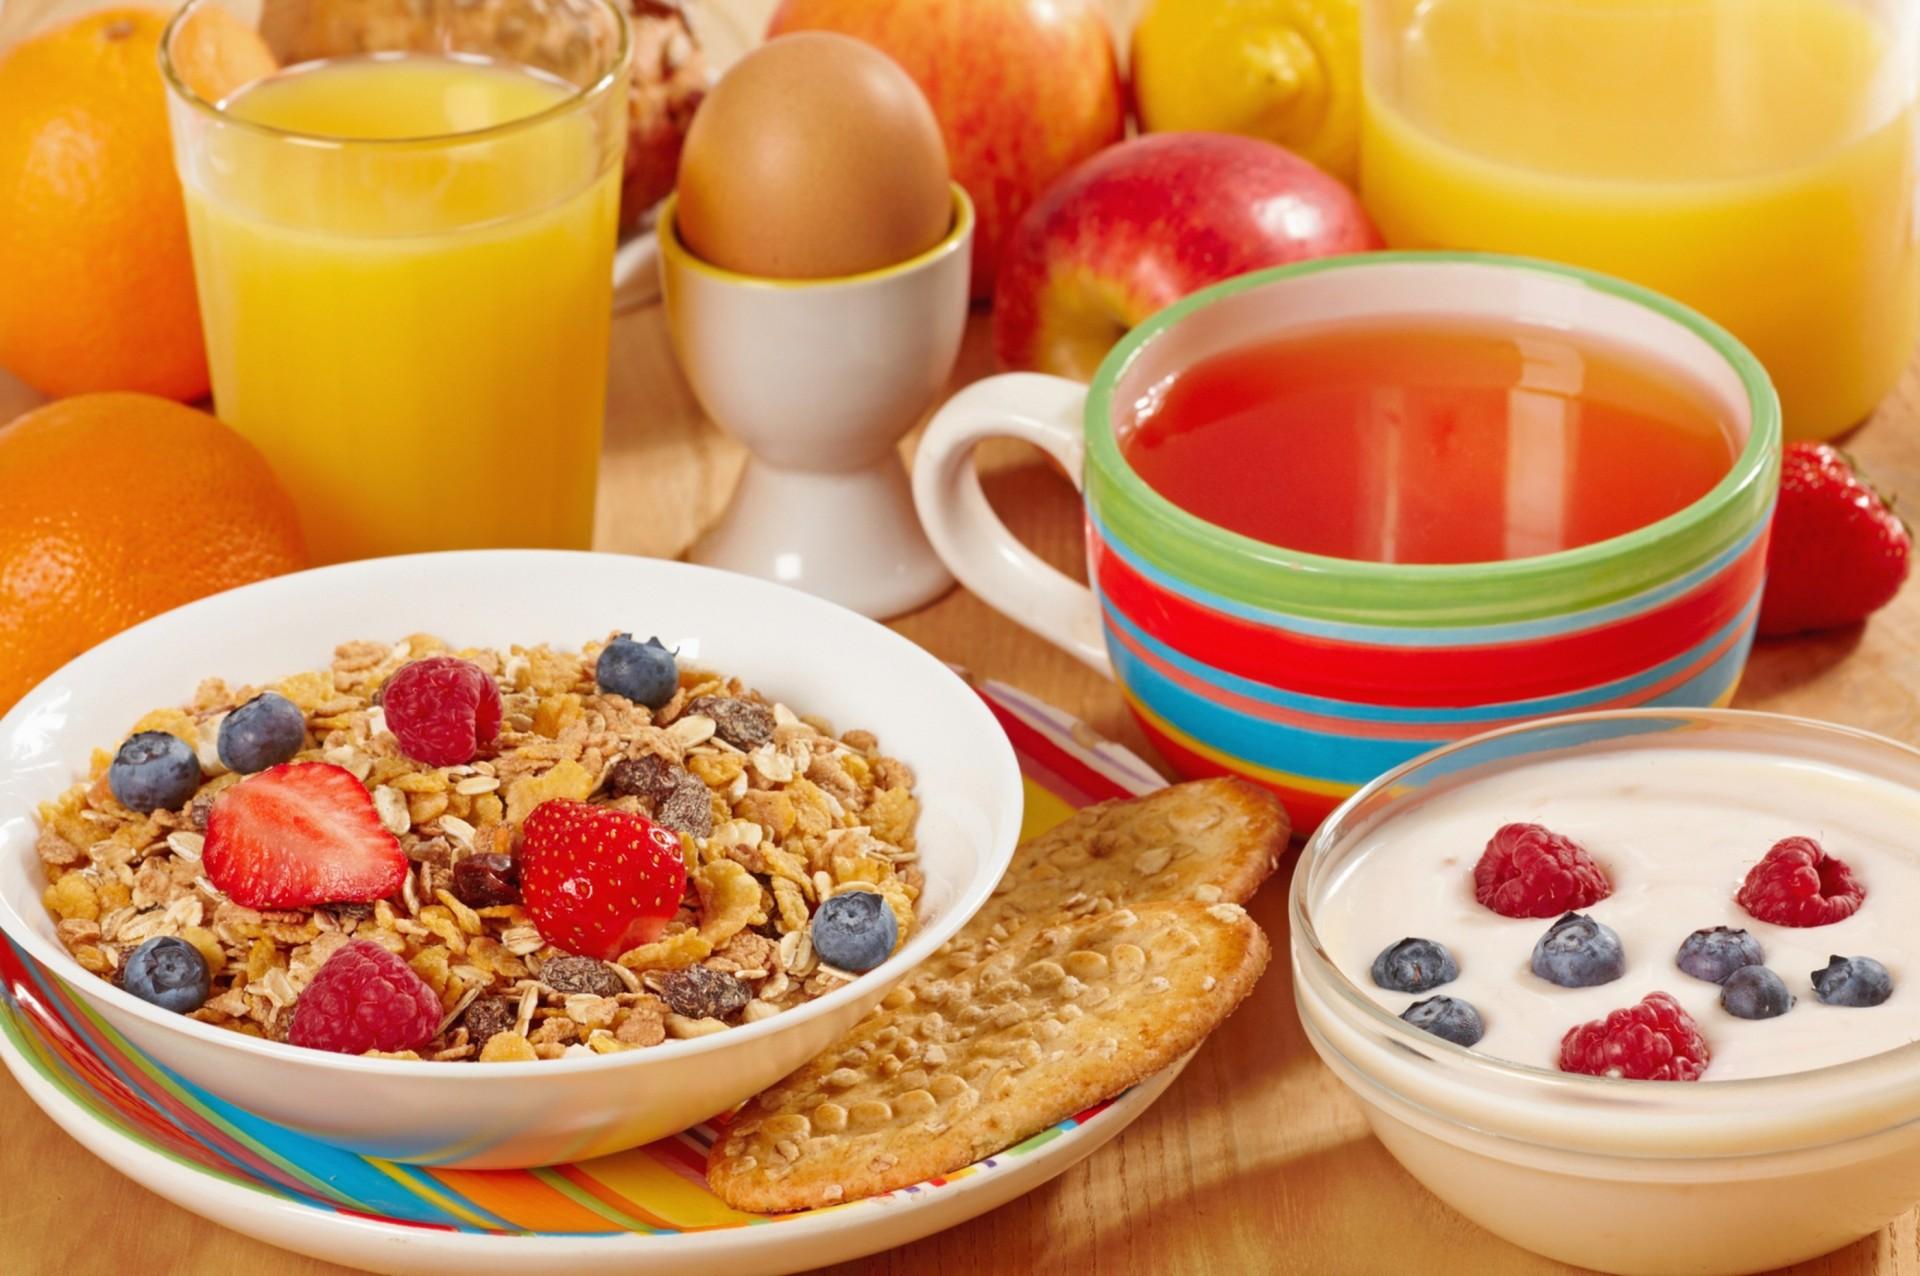 Утренний Завтрак Диета. Правильное питание утром, что лучше кушать на завтрак